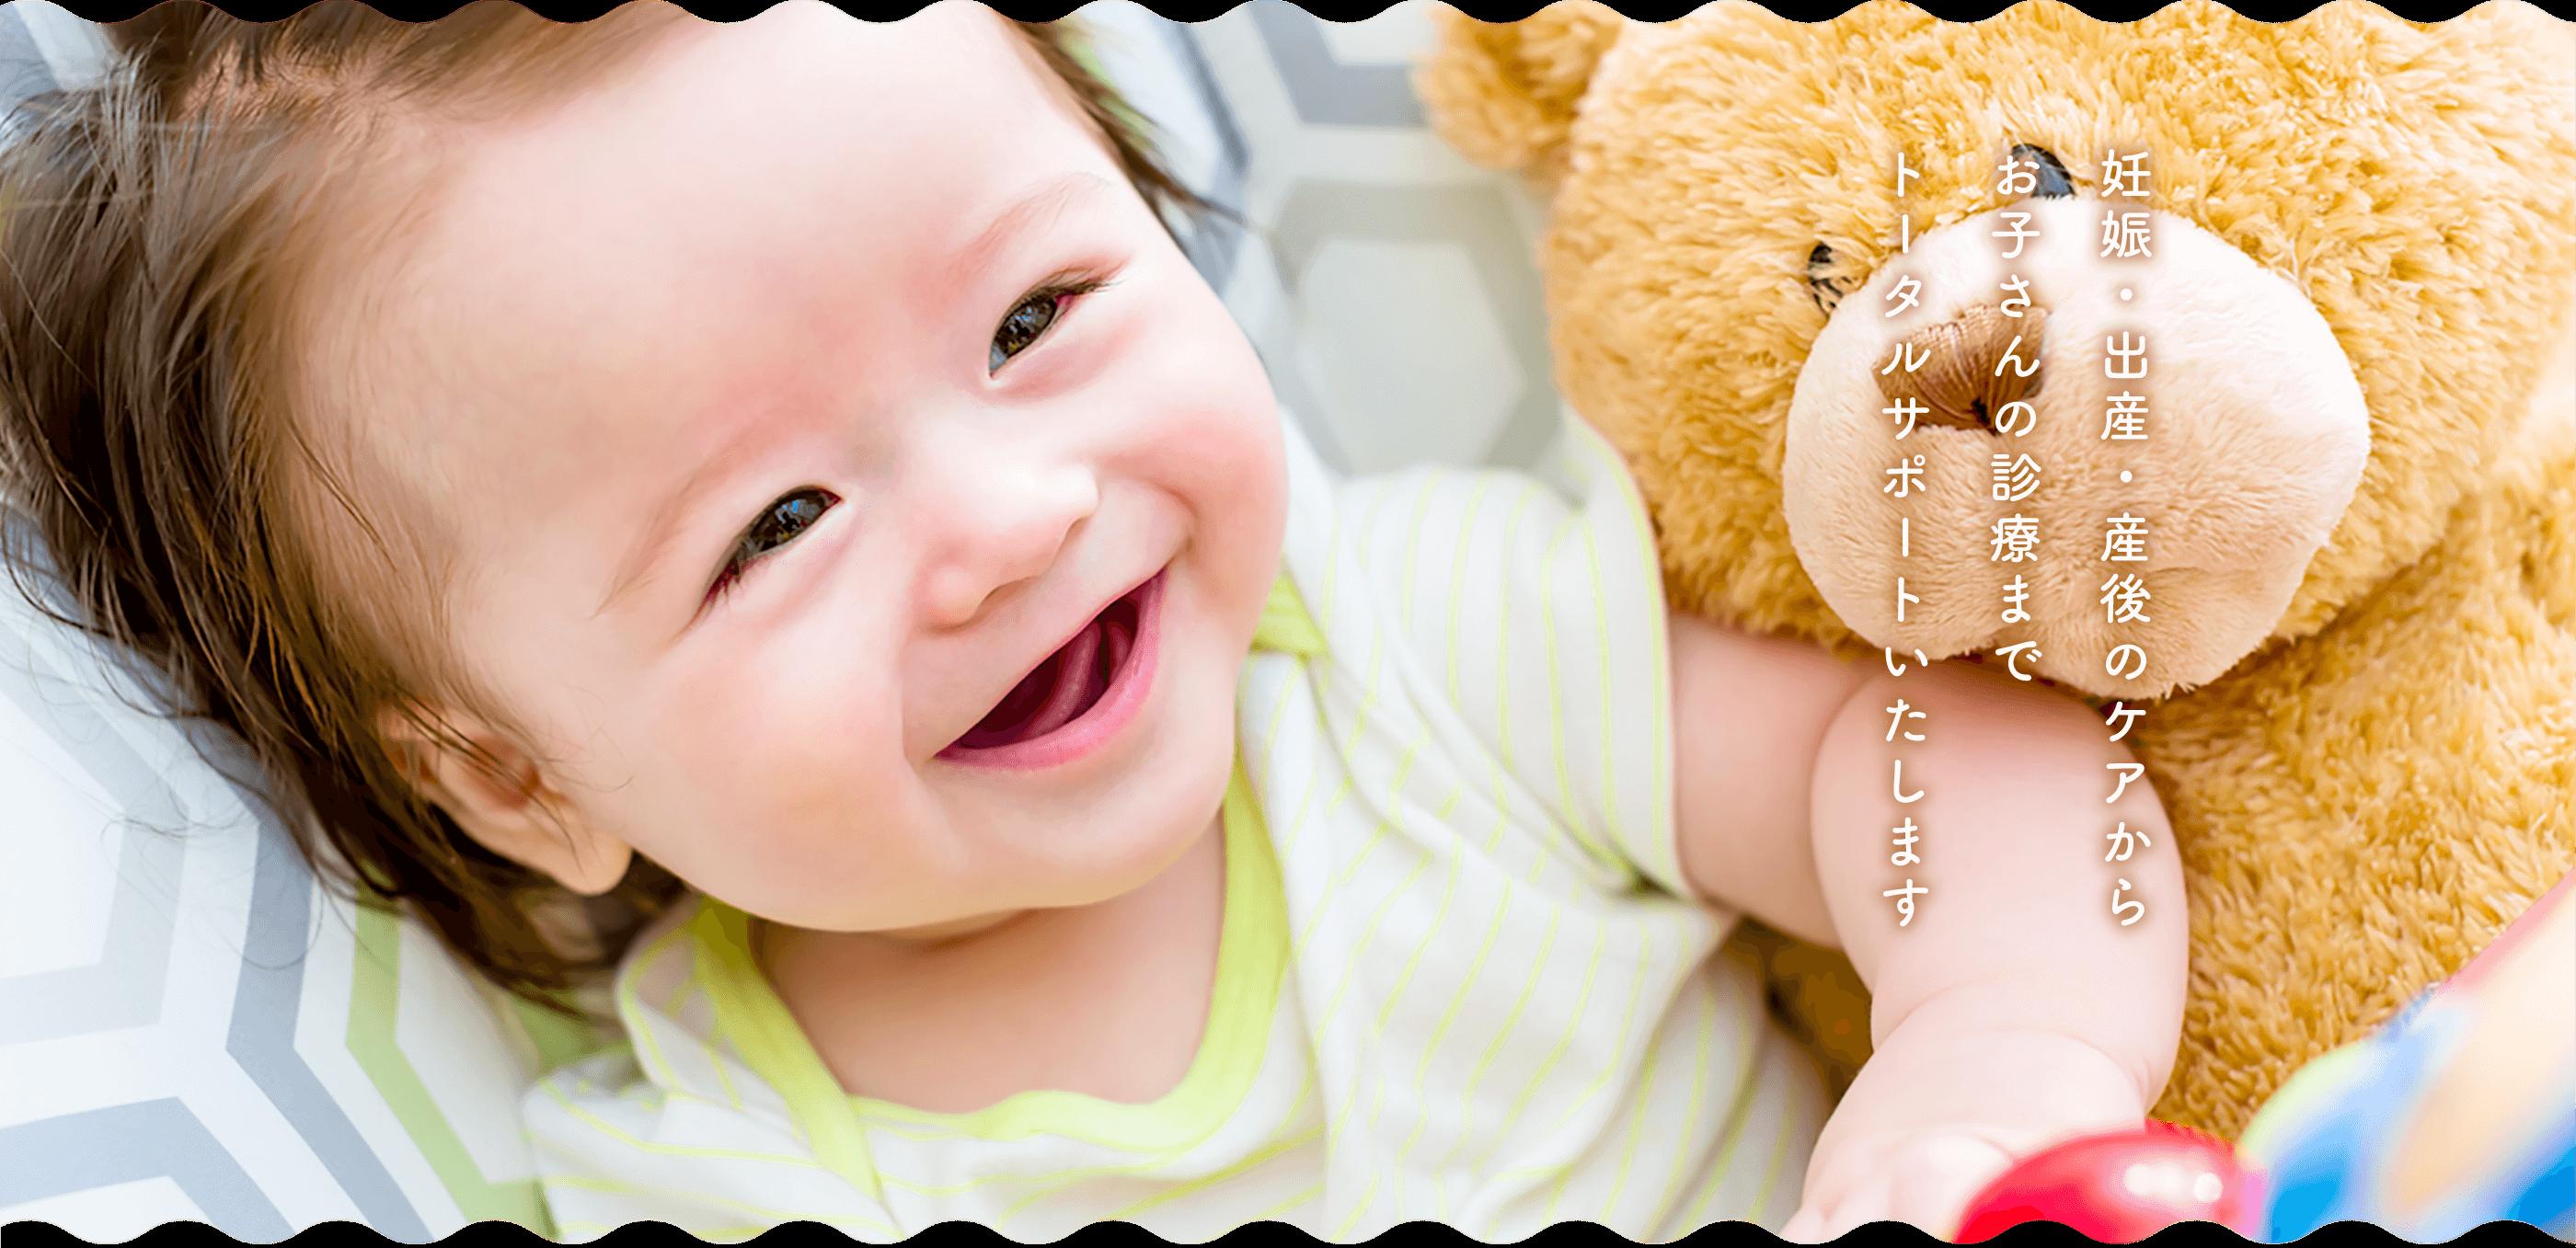 妊娠・出産・産後のケアからお子さんの診療までトータルサポートいたします。